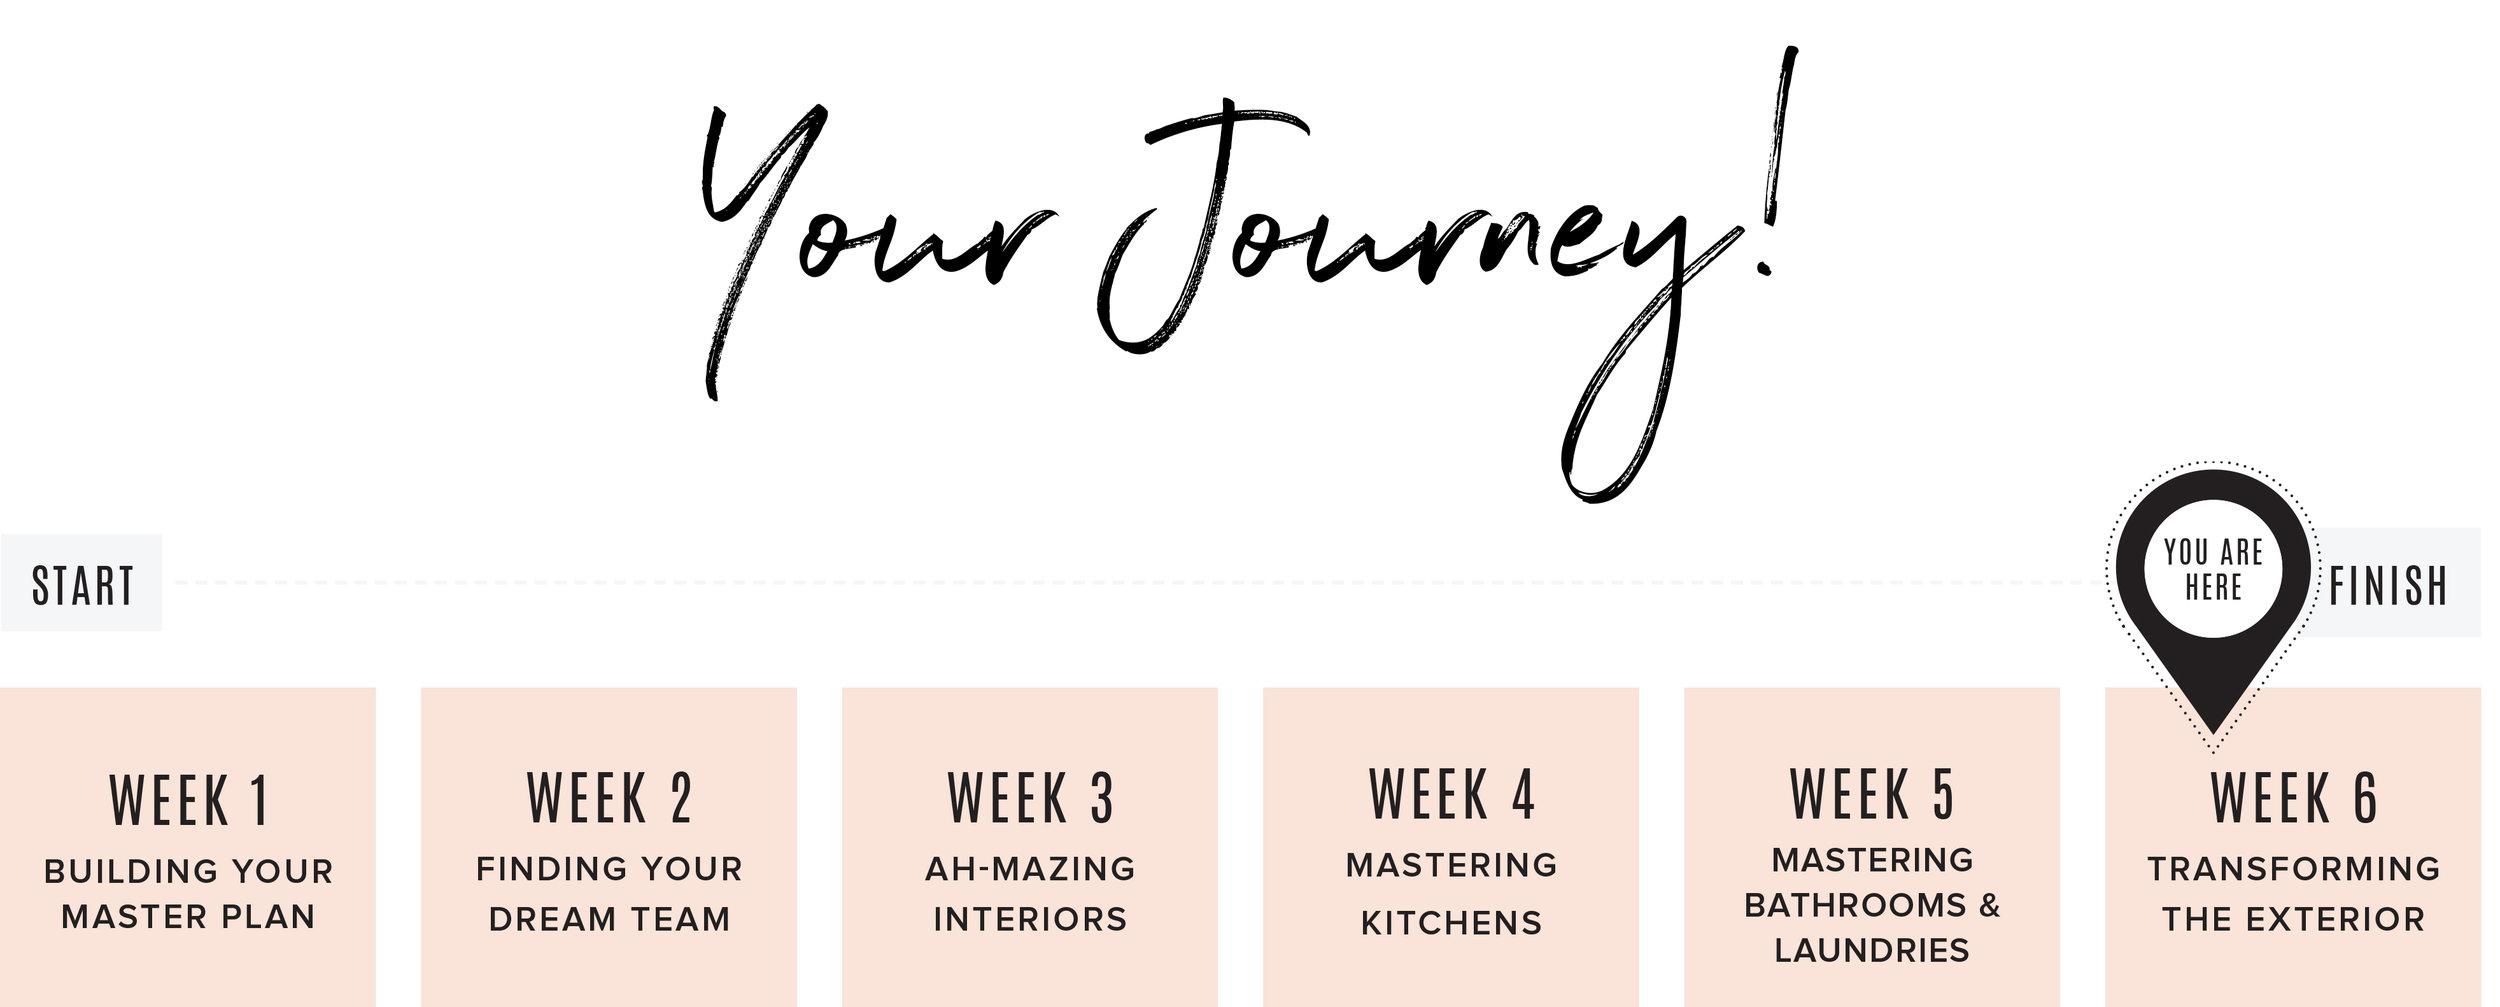 Your Journey.jpg